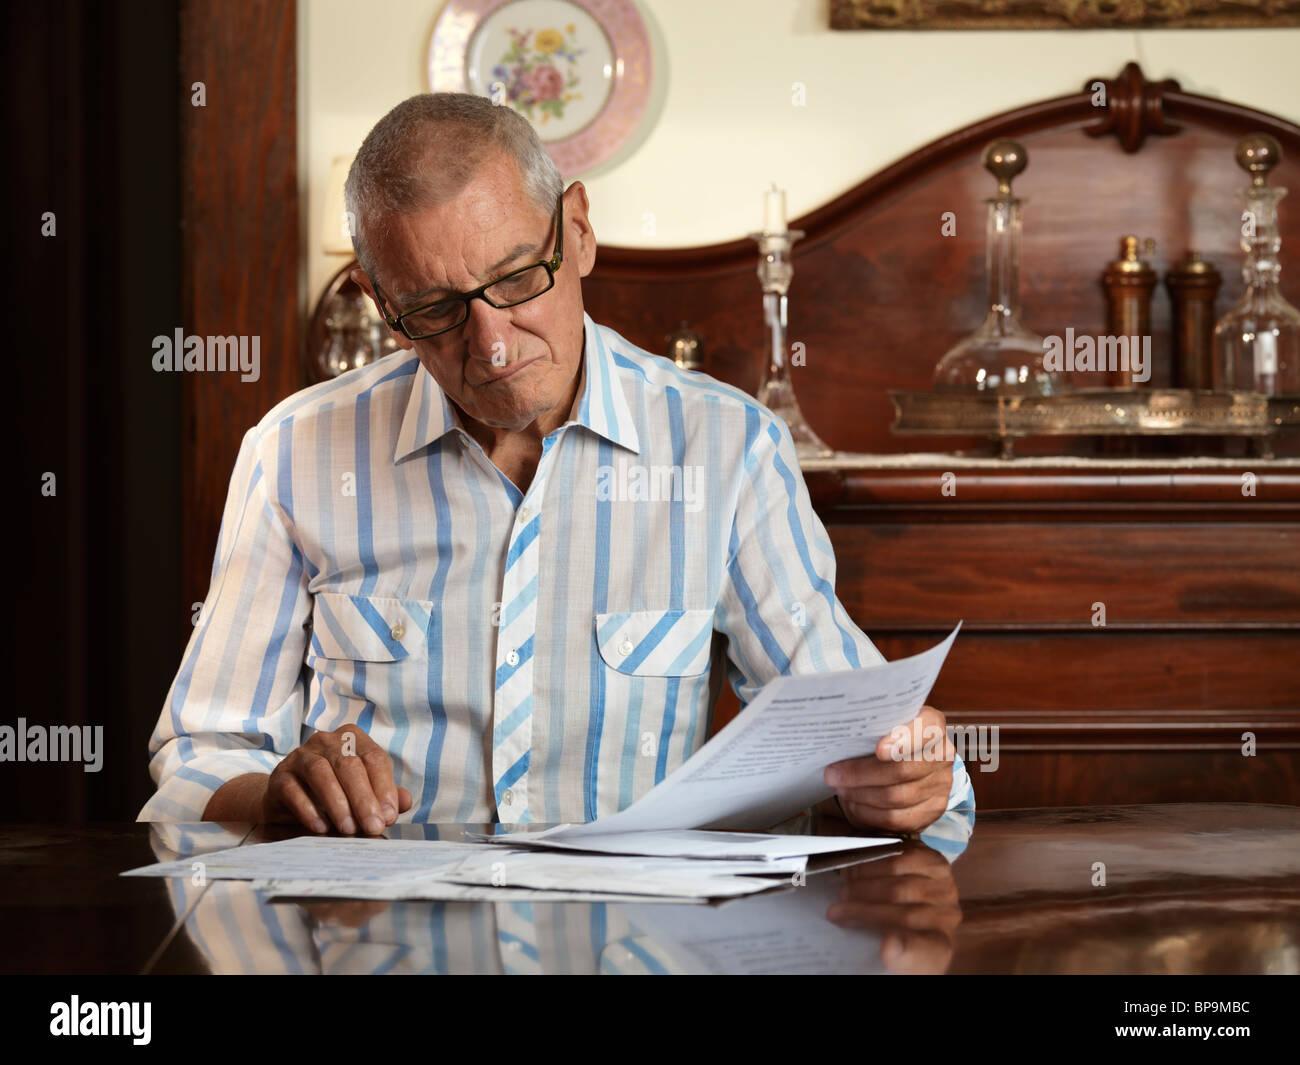 Un homme âgé assis à un bureau au moyen des projets de recherche avec l'expression malheureuse Photo Stock